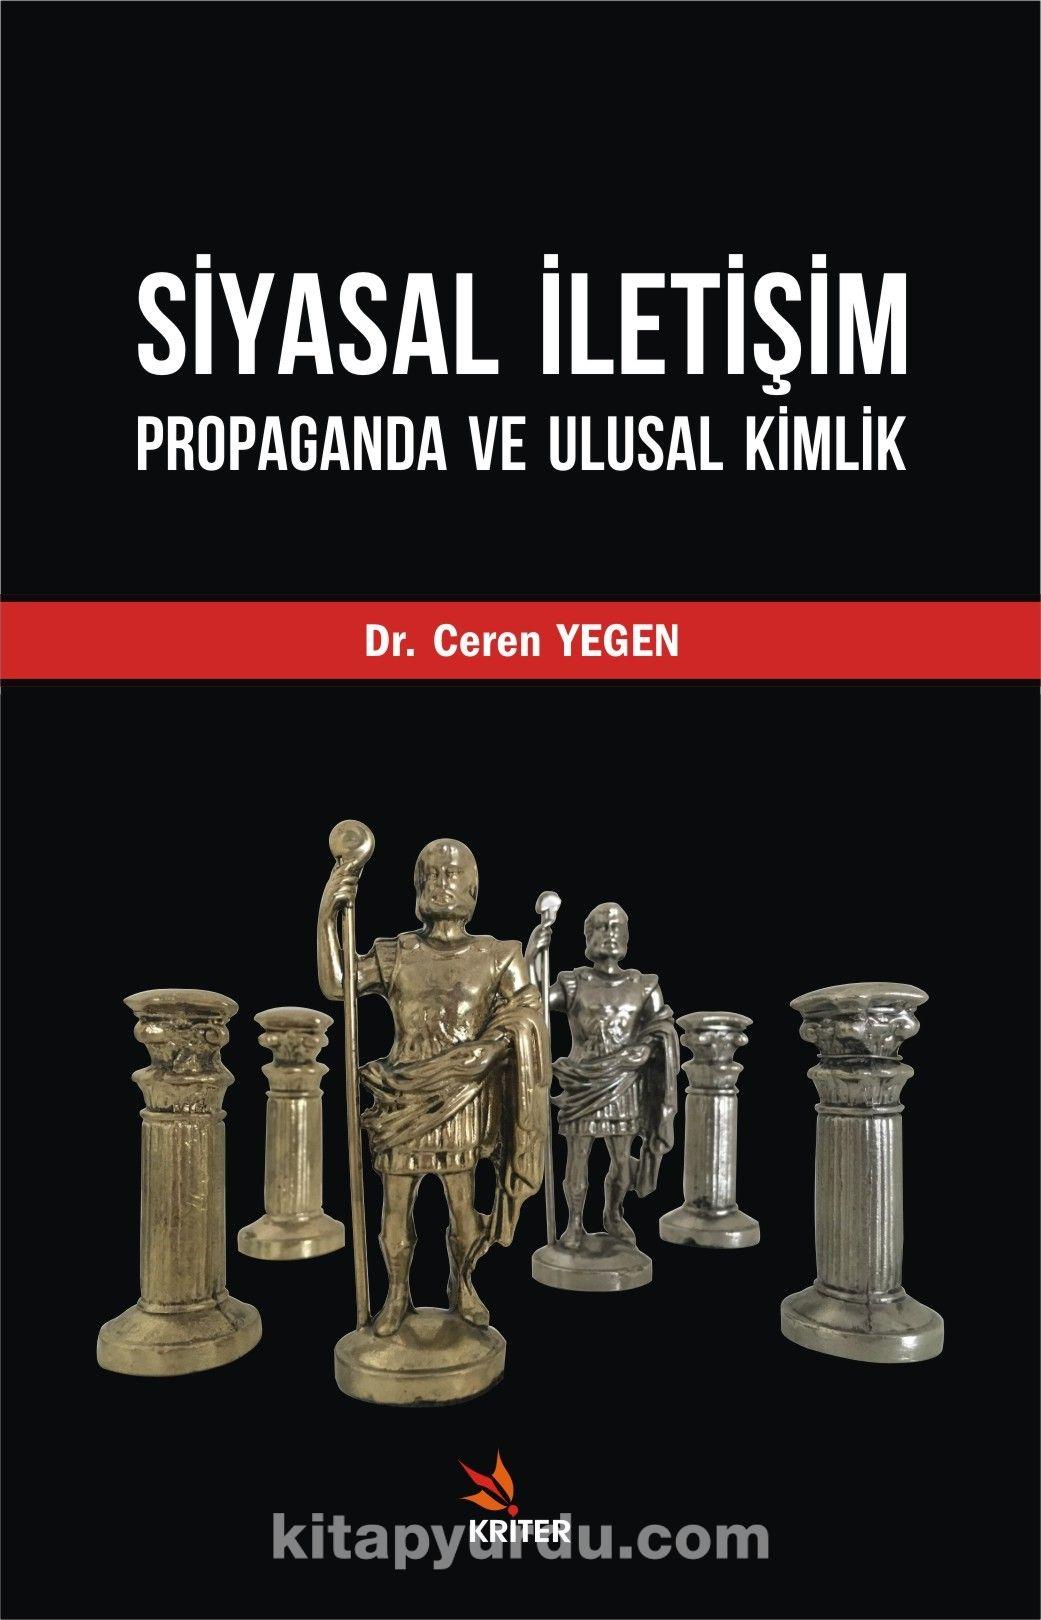 Siyasal İletişim, Propaganda ve Ulusal Kimlik - Ceren Yegen pdf epub